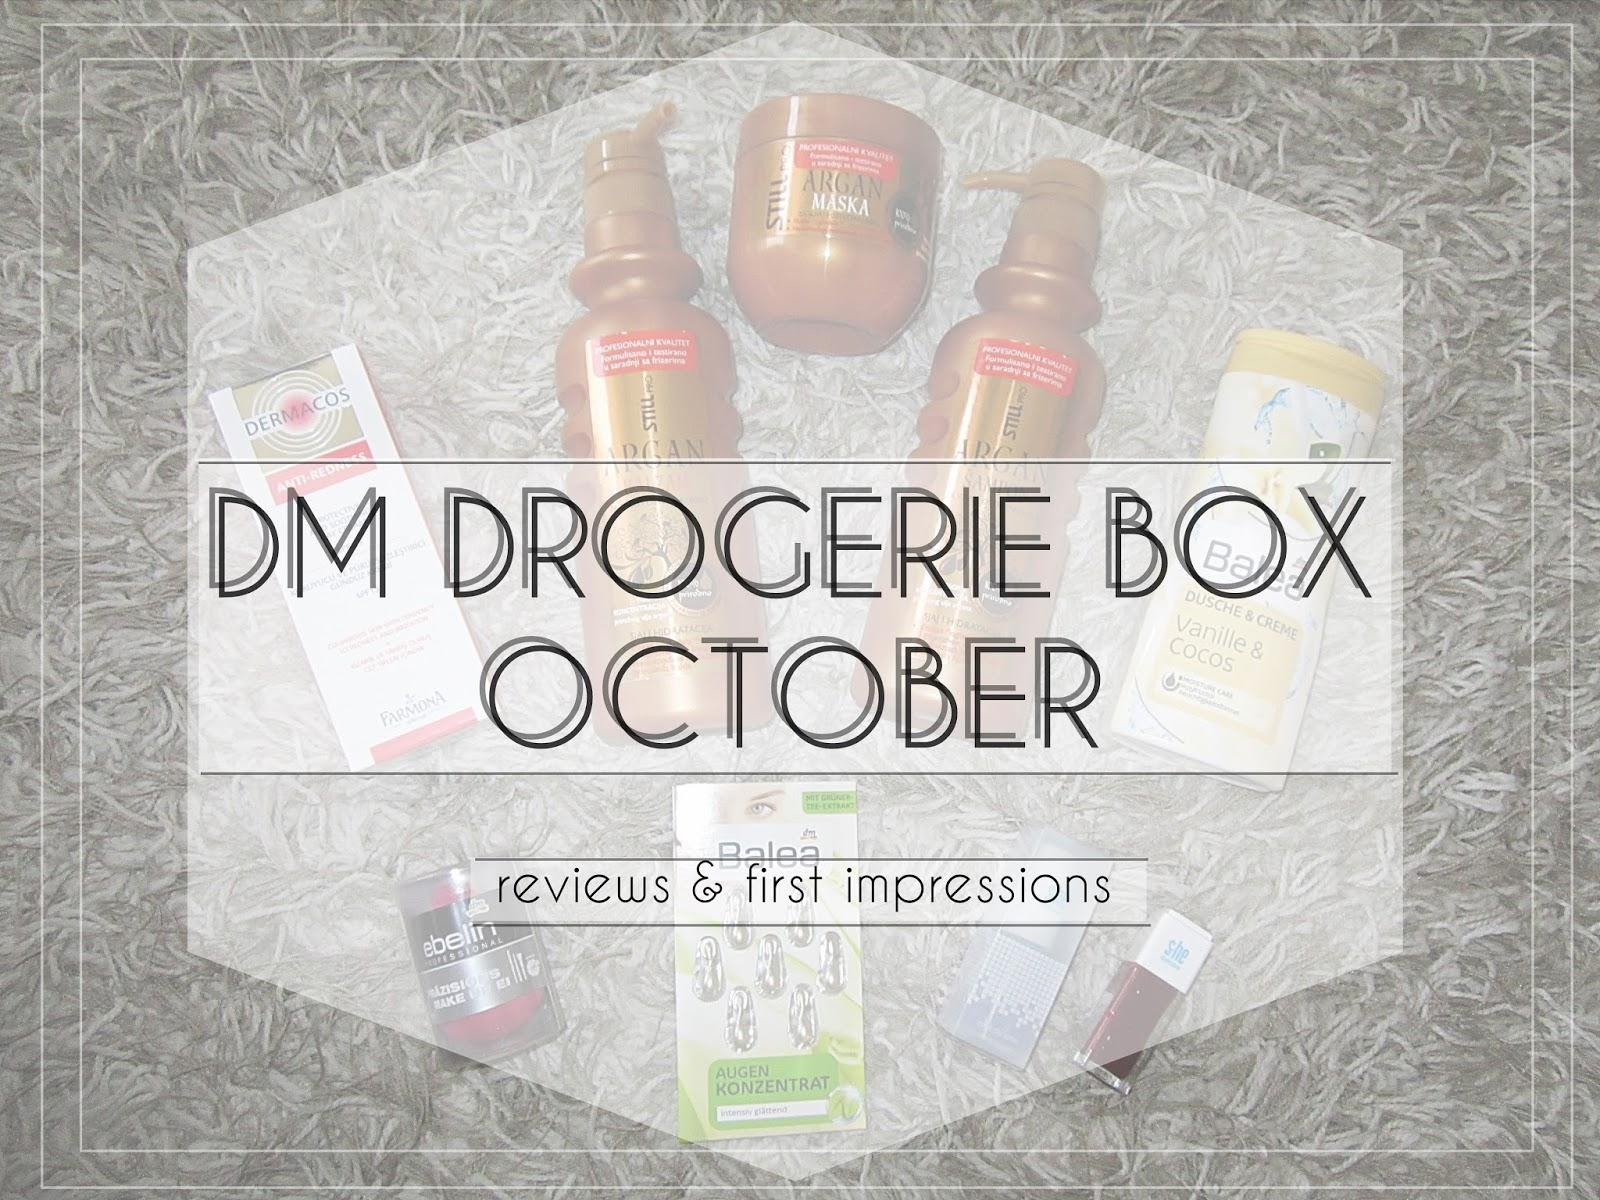 The Glam Monster Dm Drogerie Box October 2015